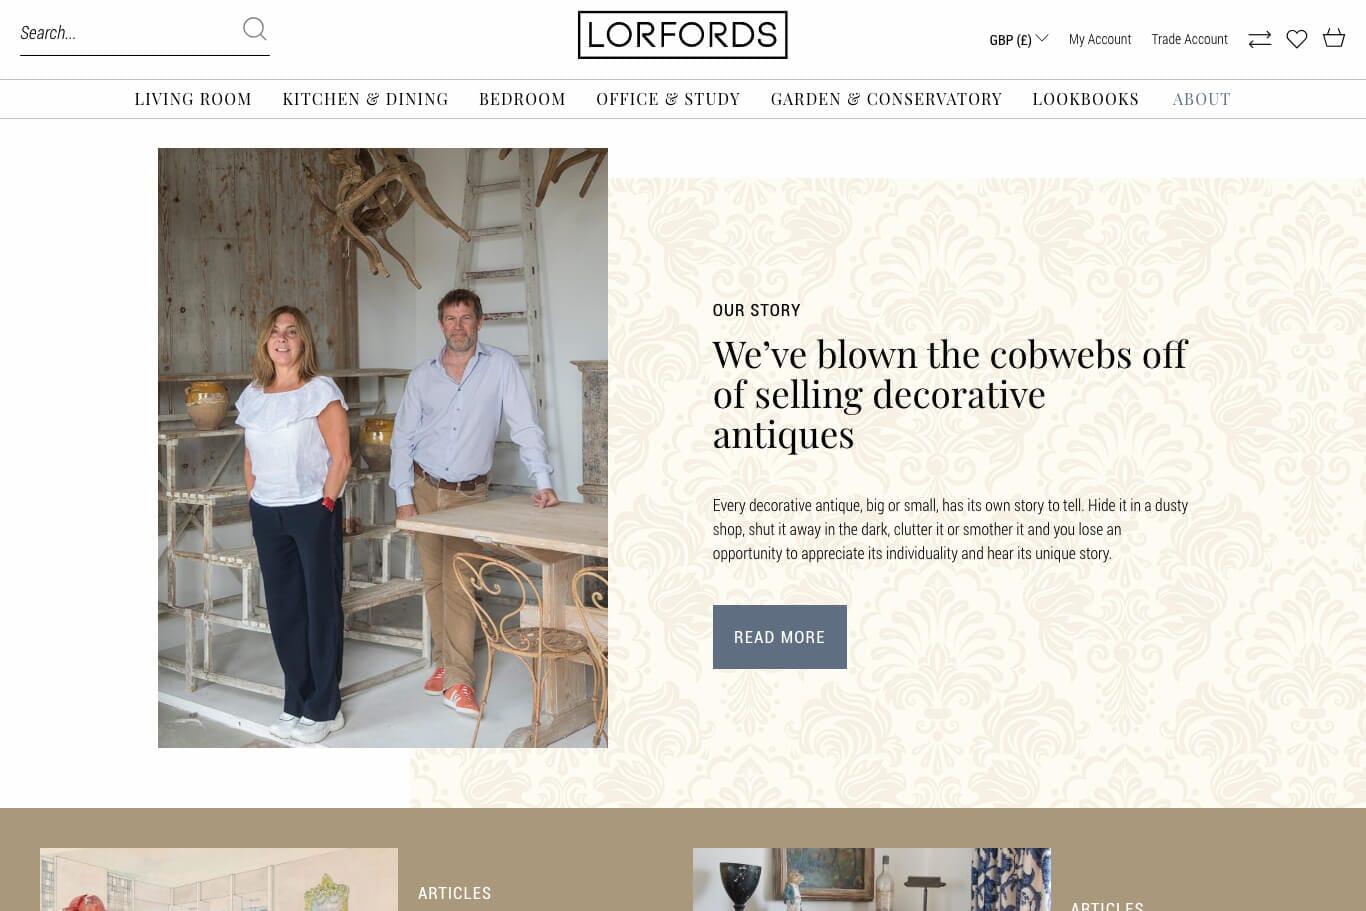 lorfords-antiques-laptop-1